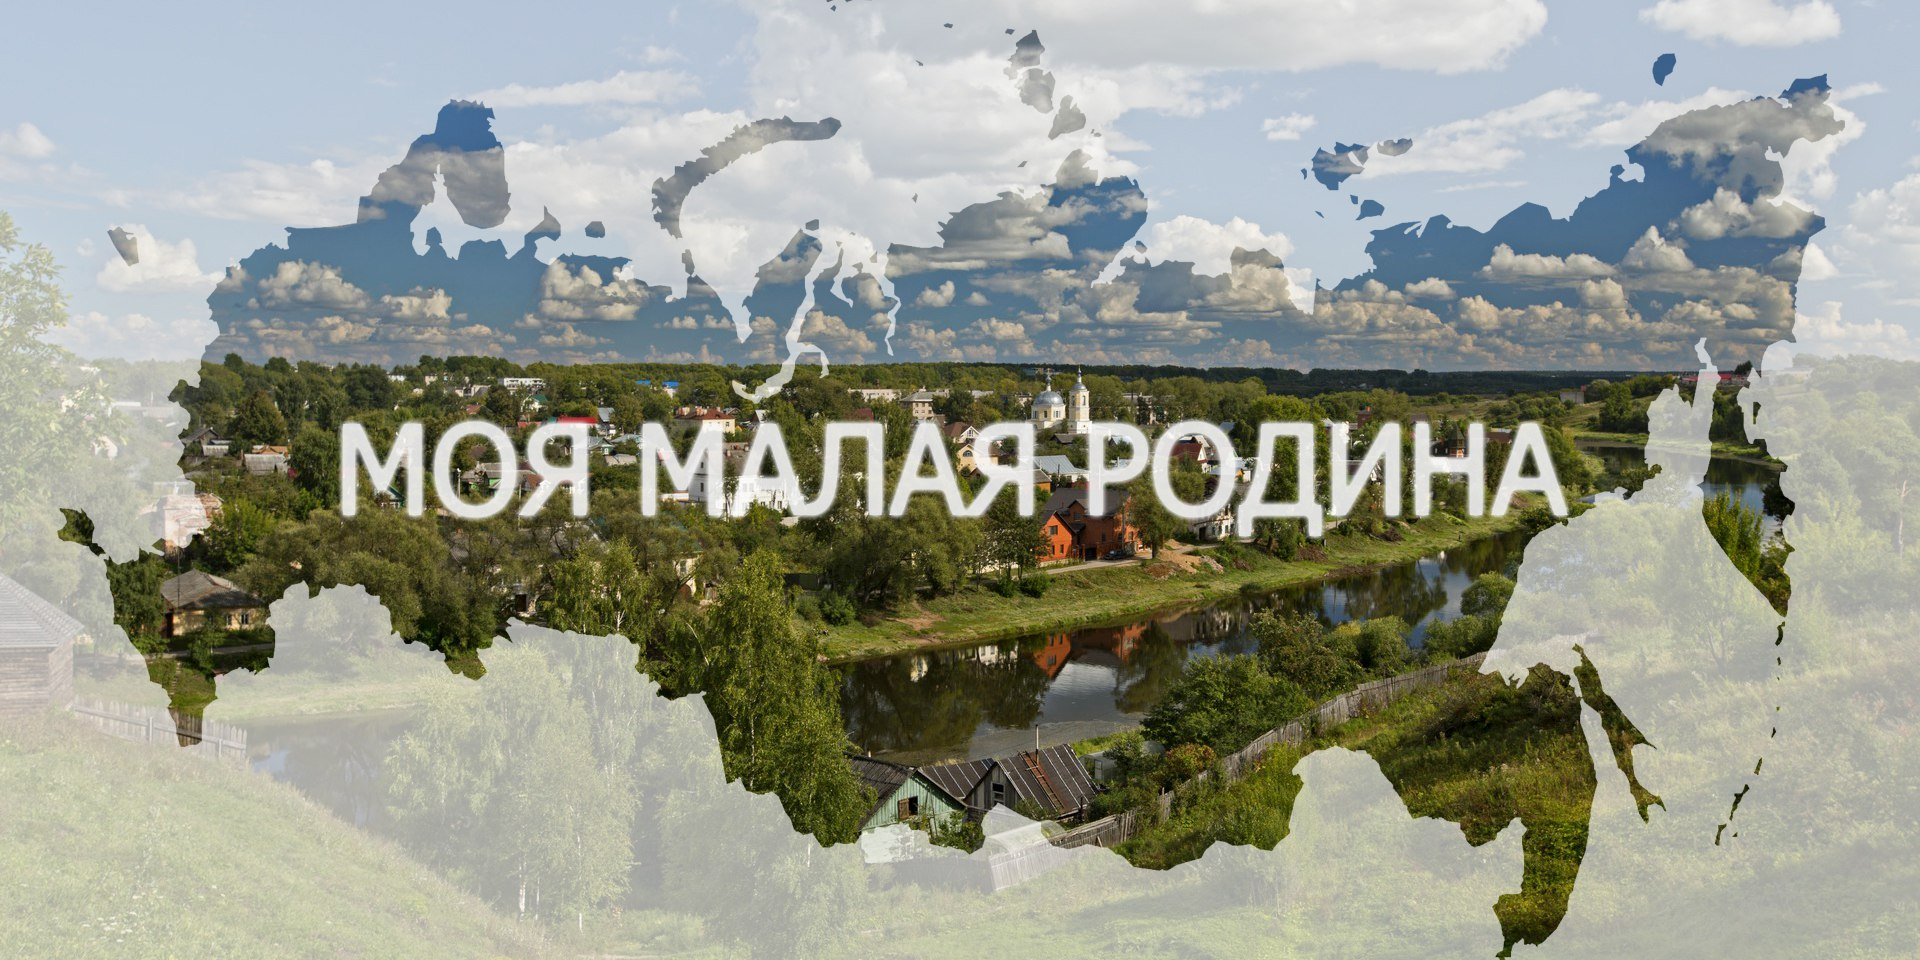 Жители Тверской области могут рассказатьо своей малойродине на всероссийском конкурсе